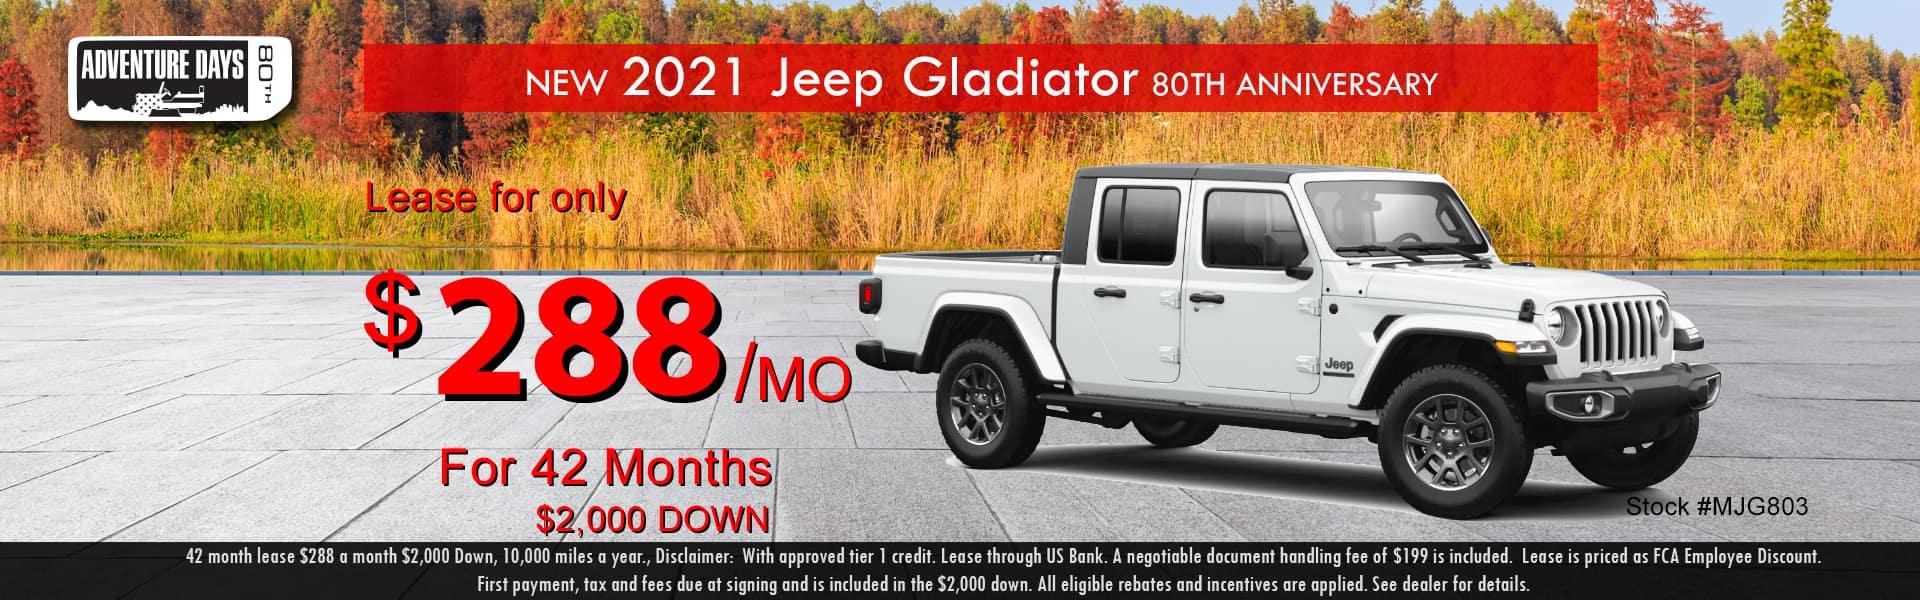 2021-Jeep-Gladiator-MJG803-Oct20